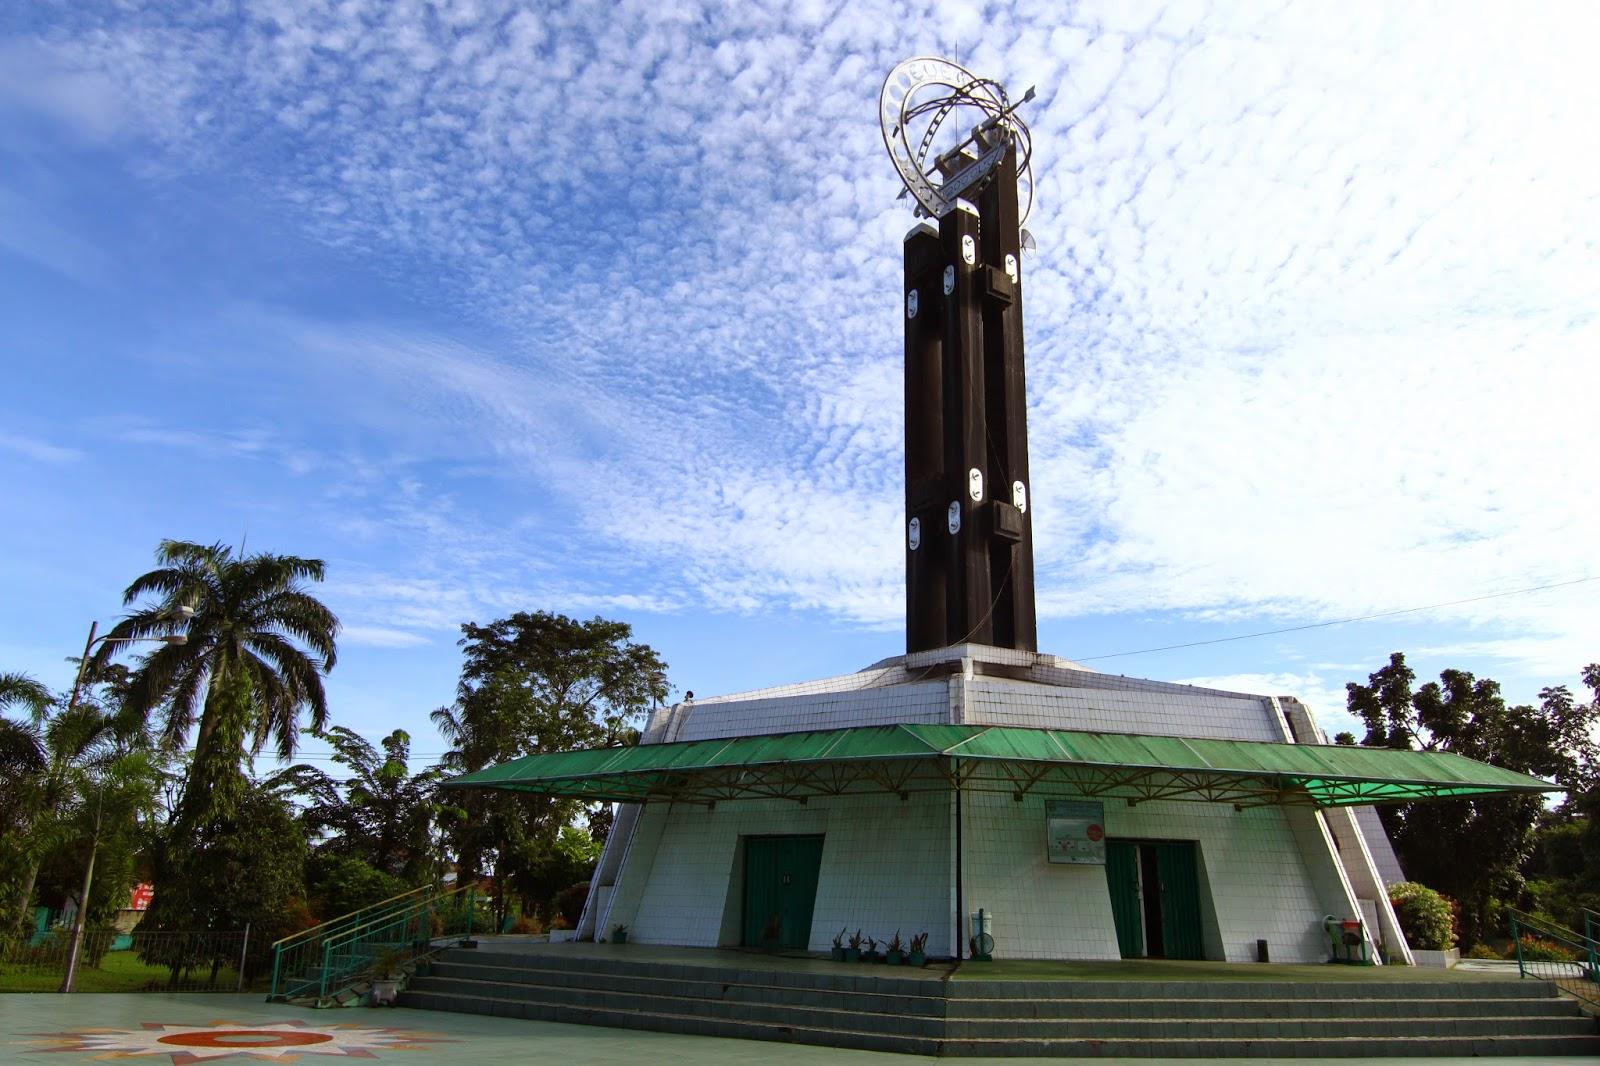 mercu tanda Kota Pontianak yang paling popular adalah Tugu Khatulistiwa